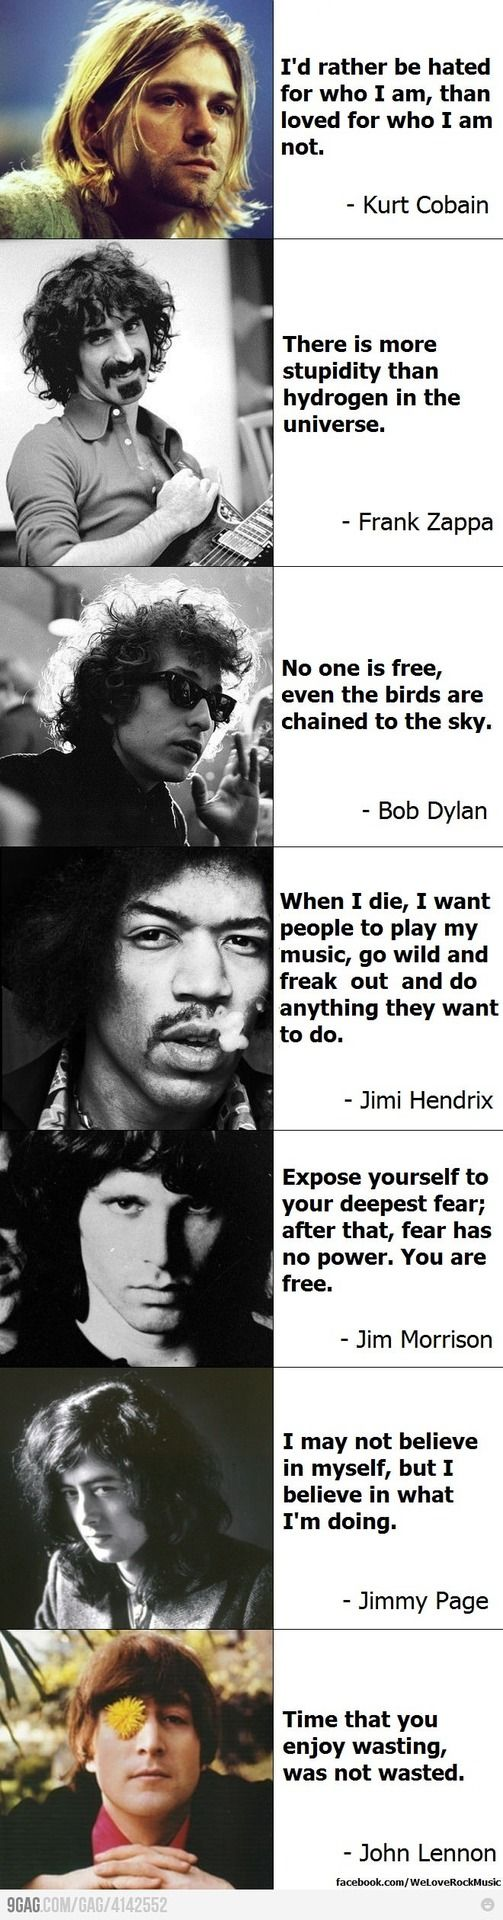 • kurt cobain jimi hendrix john lennon Bob Dylan Jim Morrison Jimmy page frank zappa brandnewaria •: